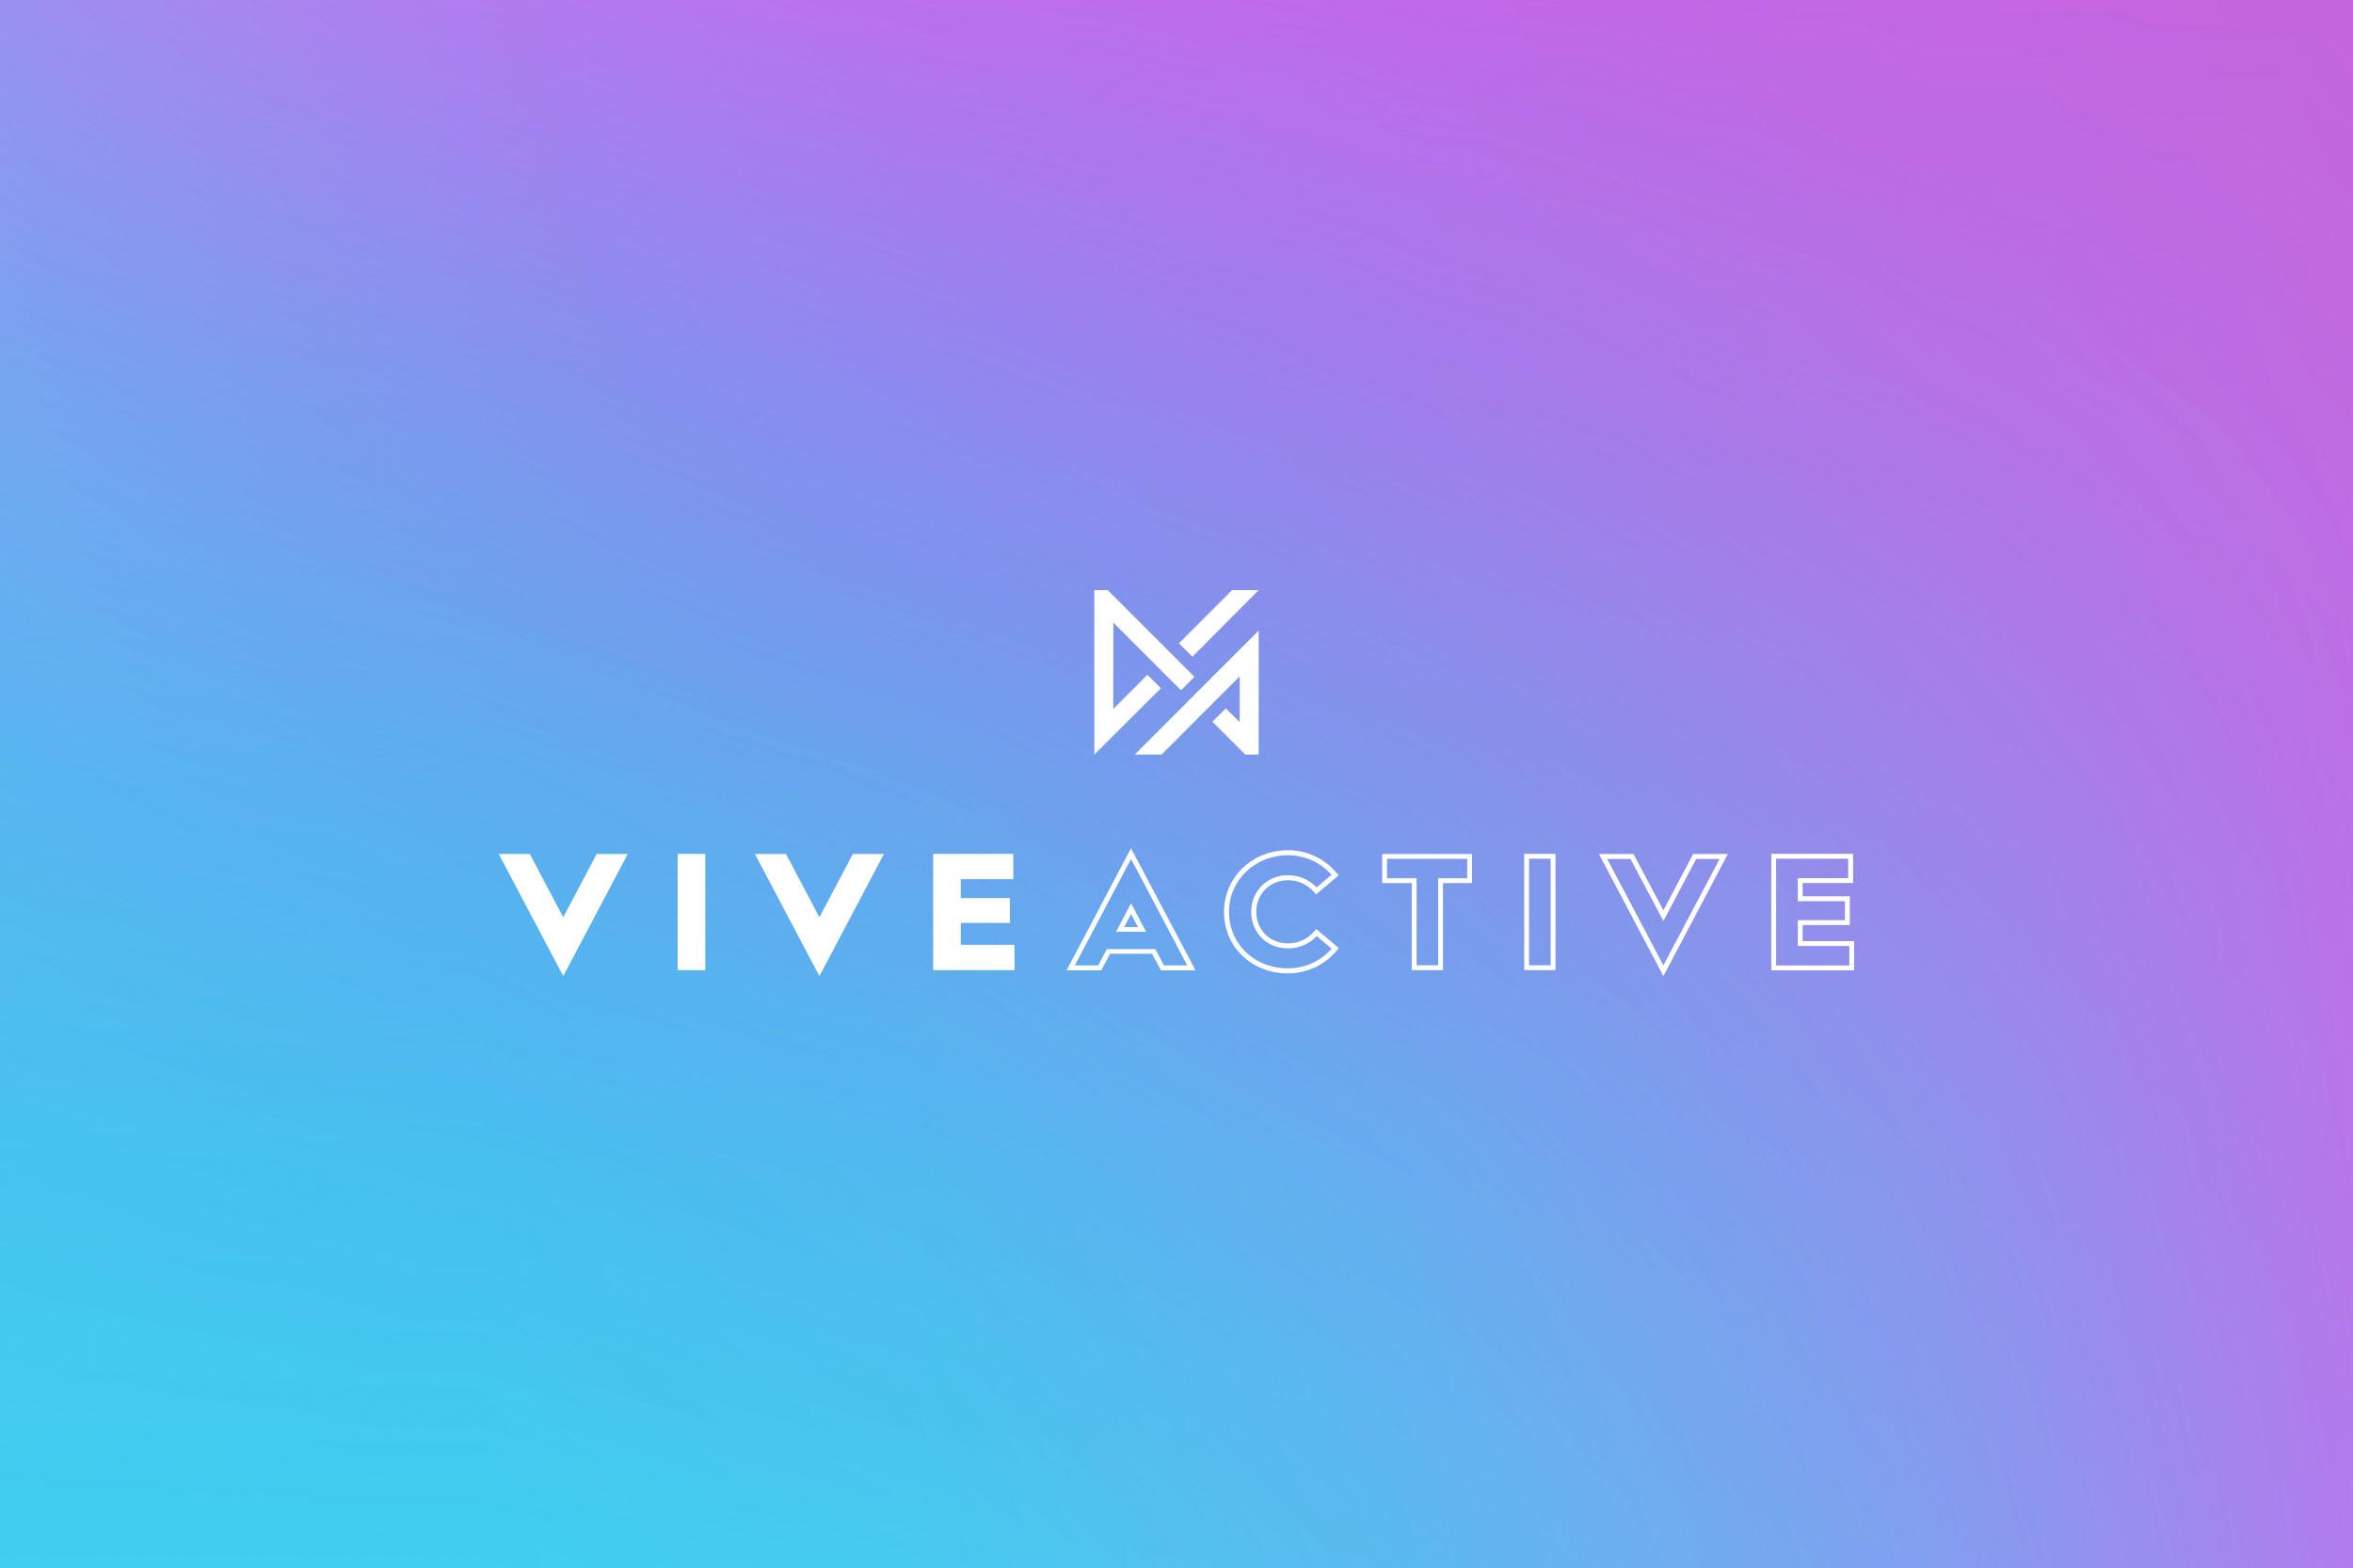 Vive Active Brand Logo